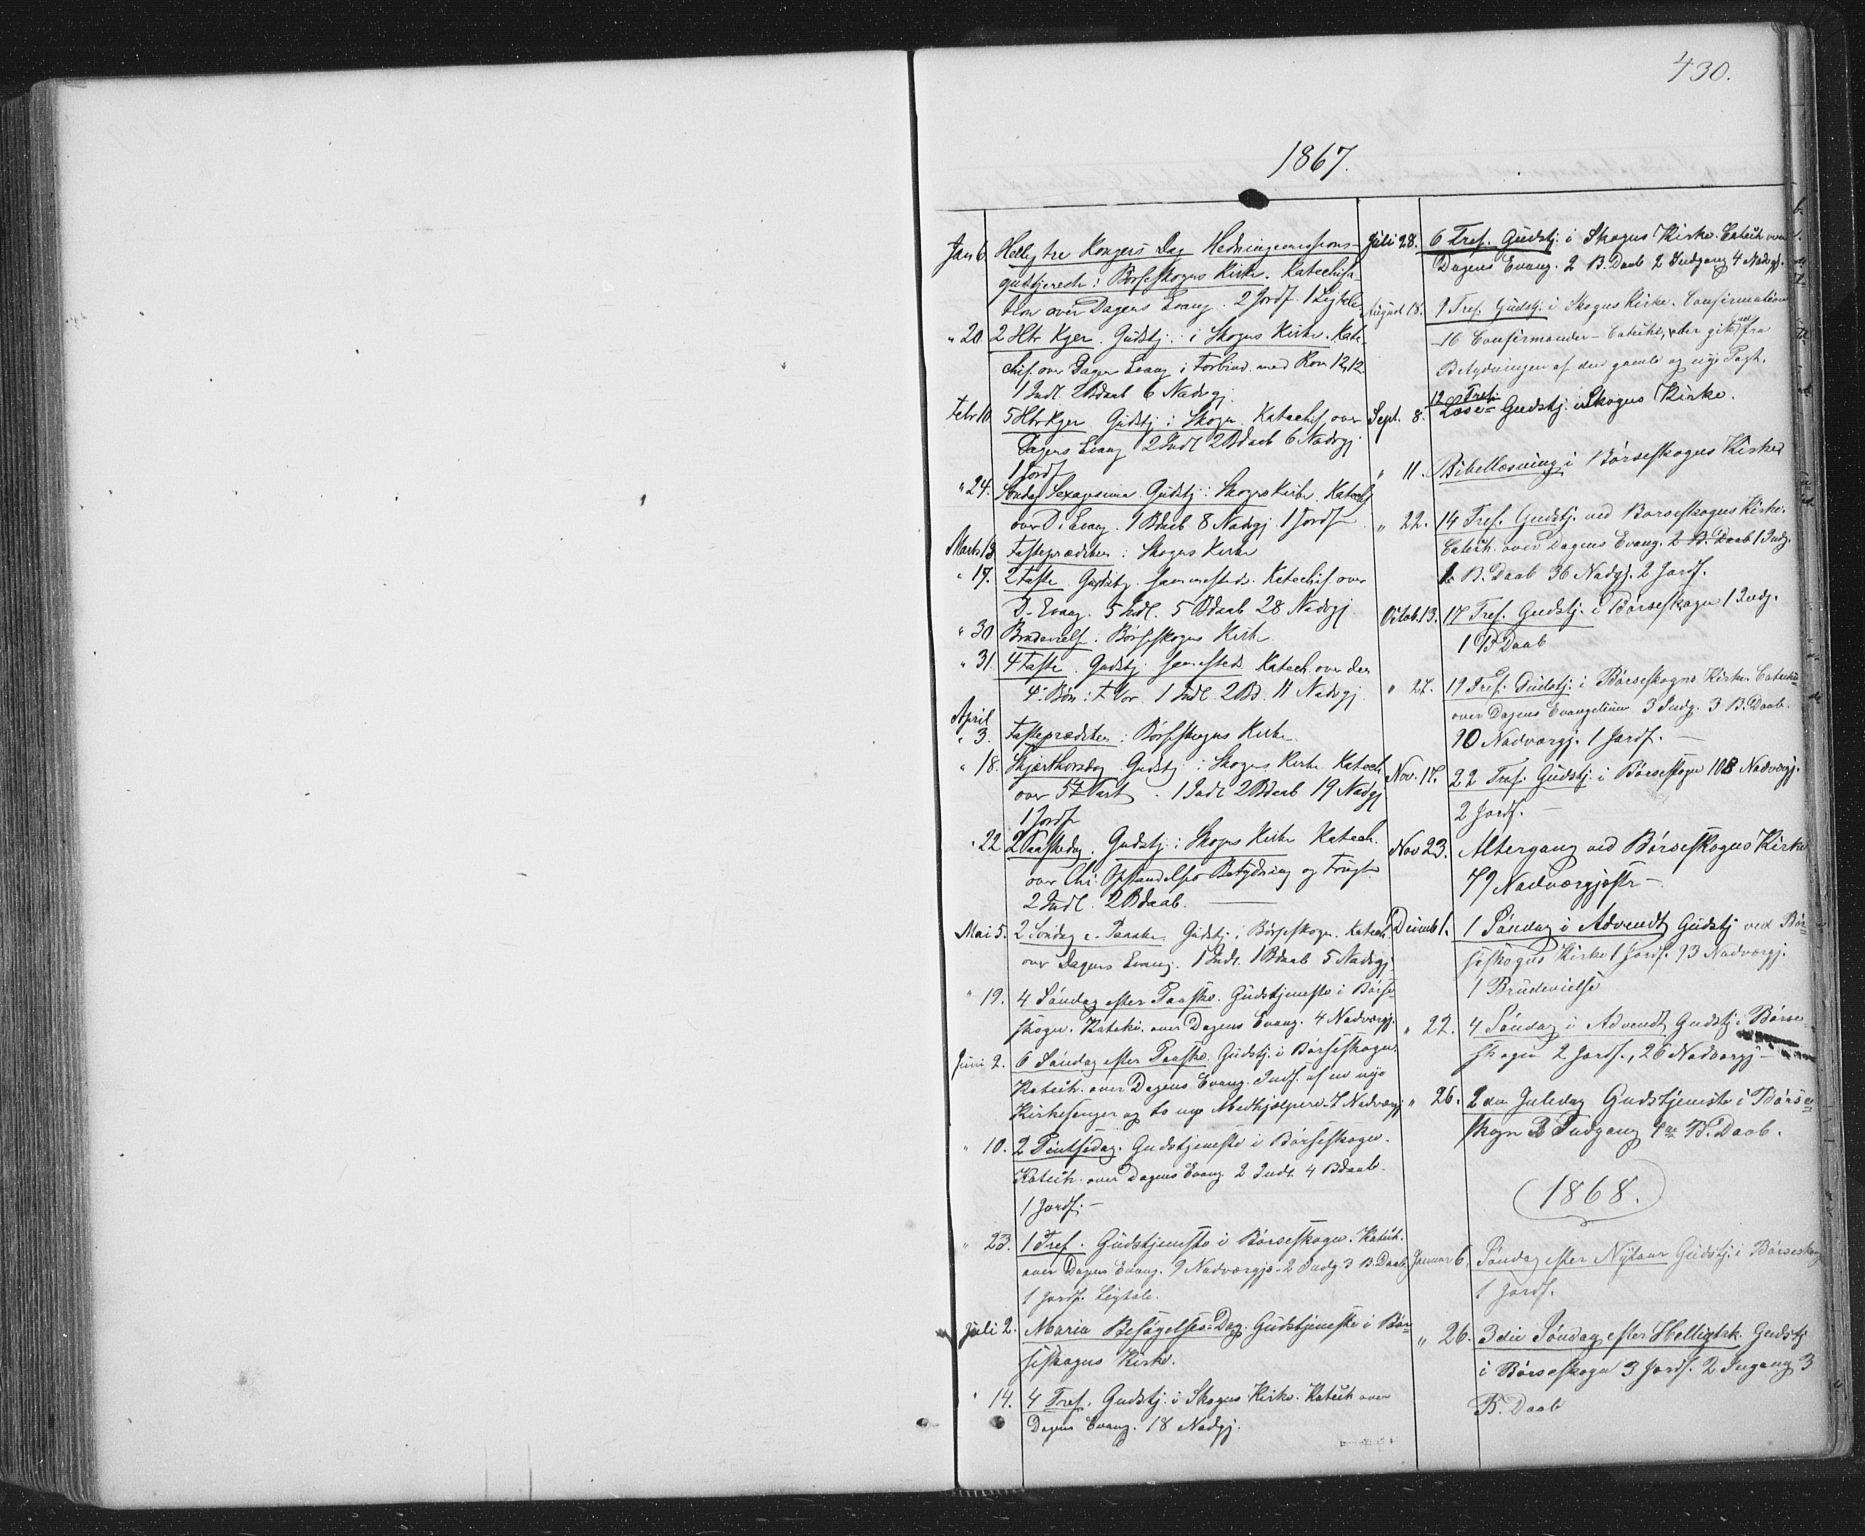 SAT, Ministerialprotokoller, klokkerbøker og fødselsregistre - Sør-Trøndelag, 667/L0798: Klokkerbok nr. 667C03, 1867-1929, s. 430